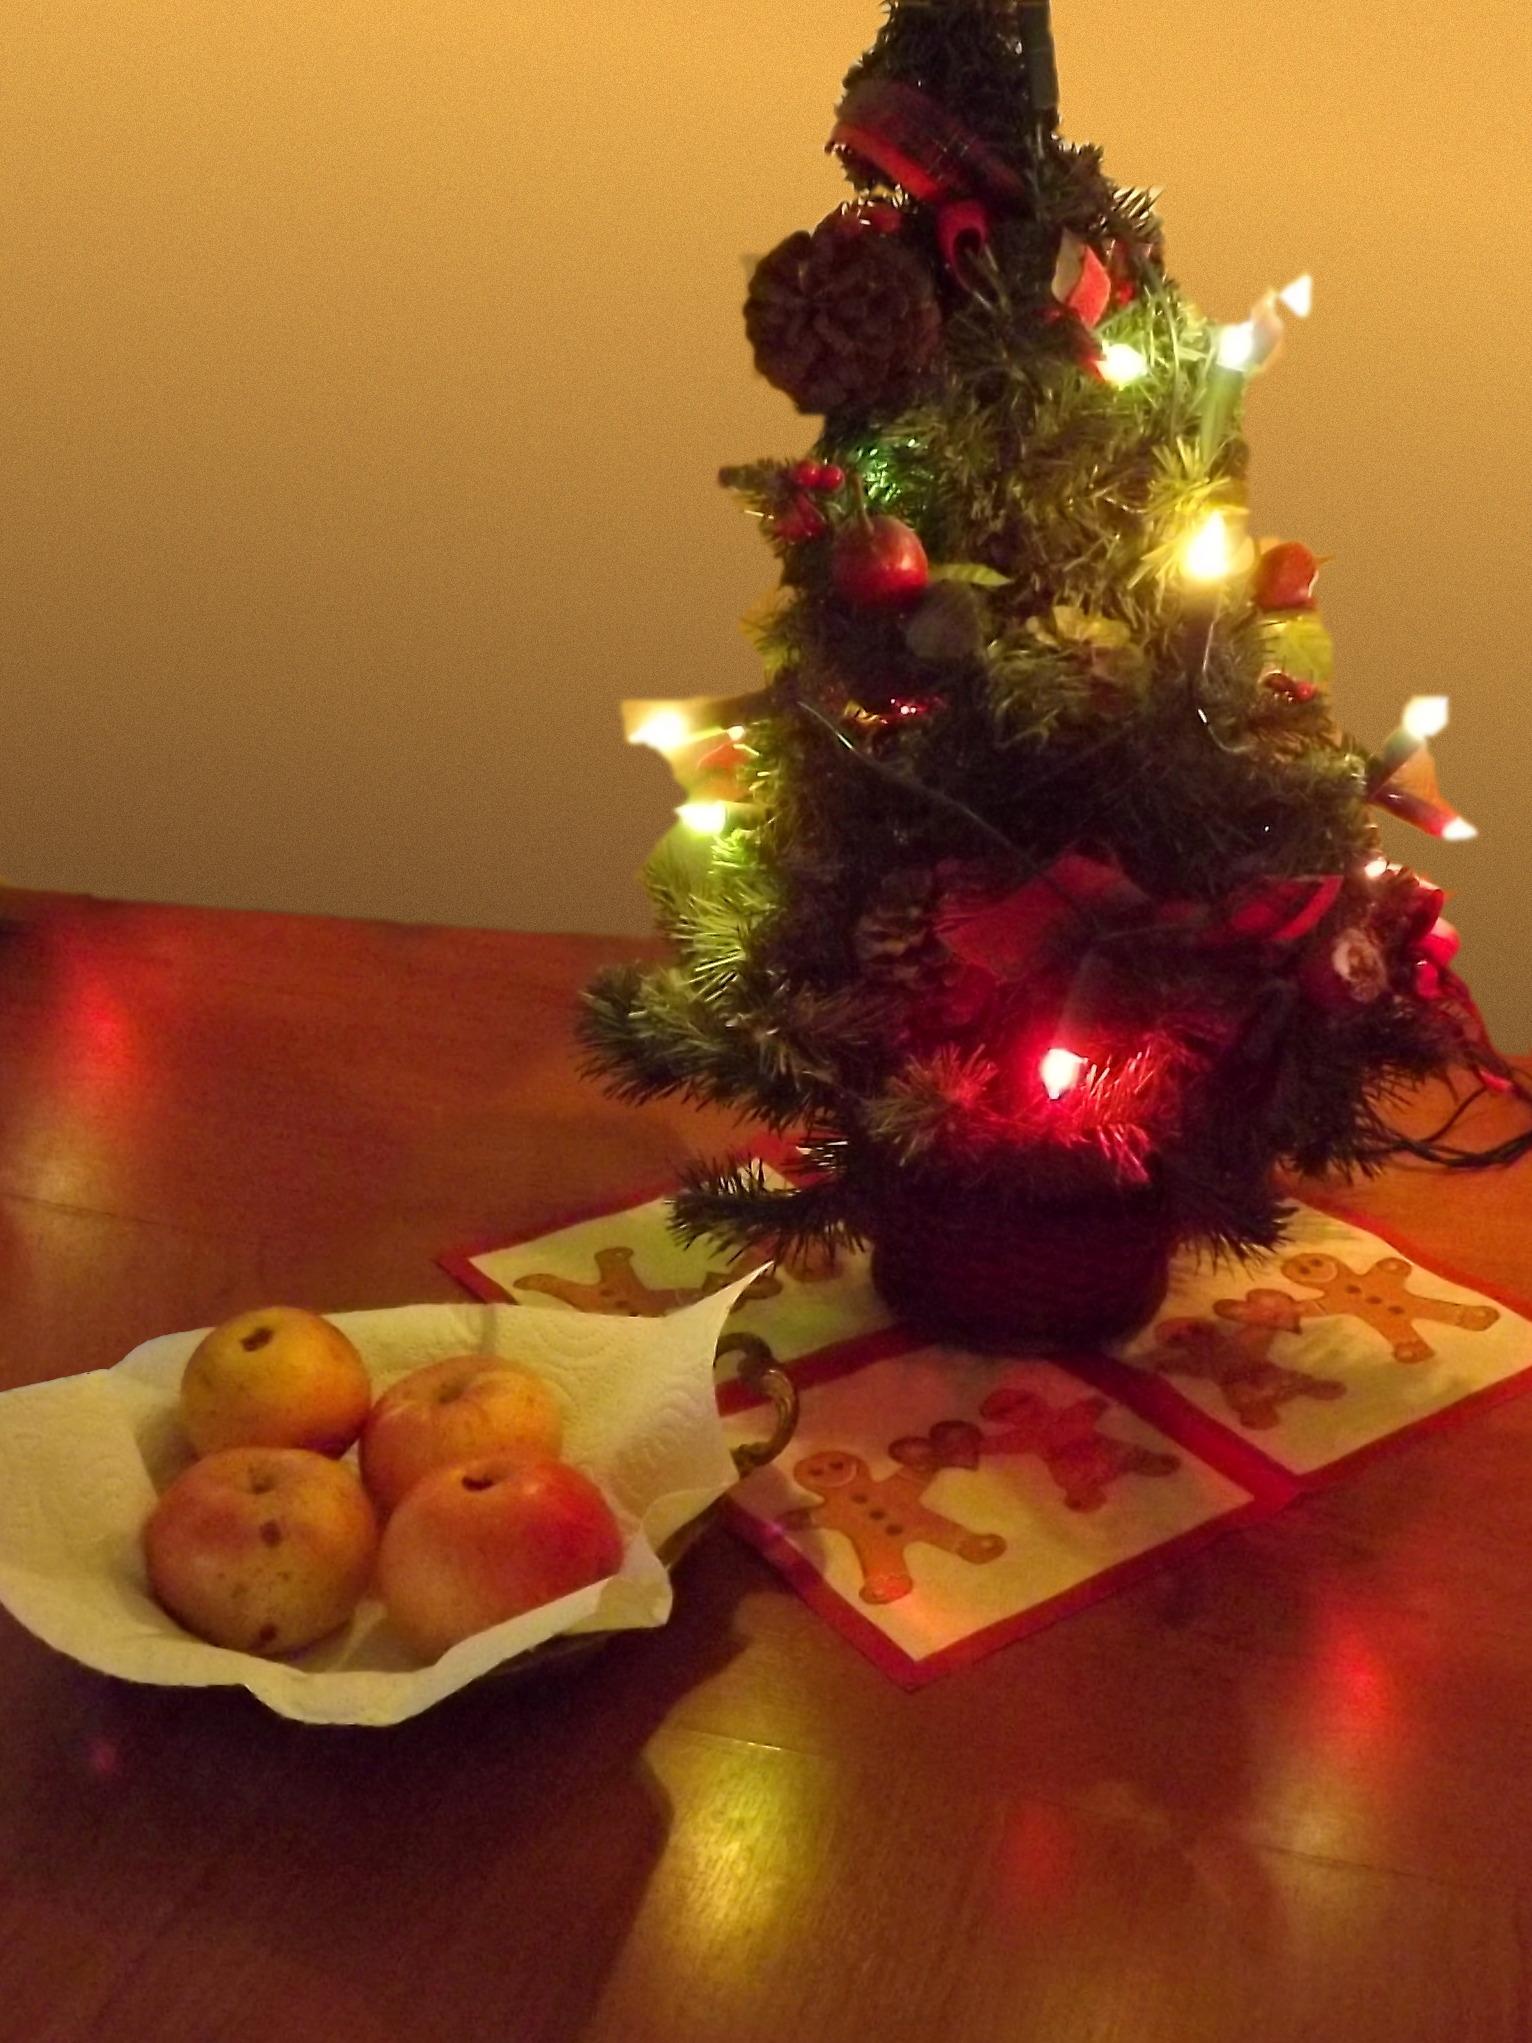 8257-weihnachtsbaum-lichterkette-bunt-aepfel